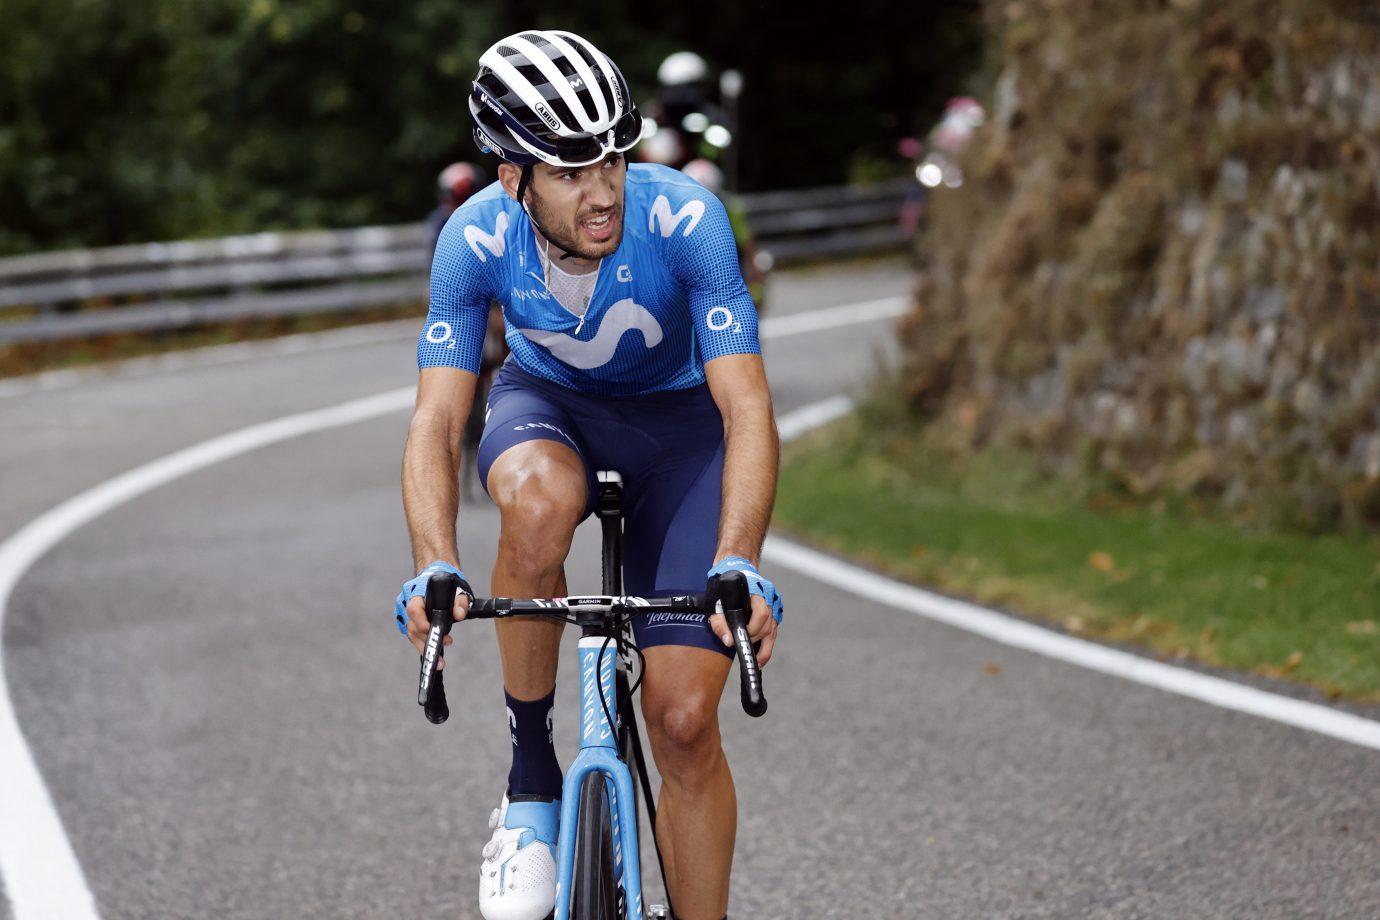 Imagen de la noticia 'Carretero, Rubio fight for stage five in the Giro'